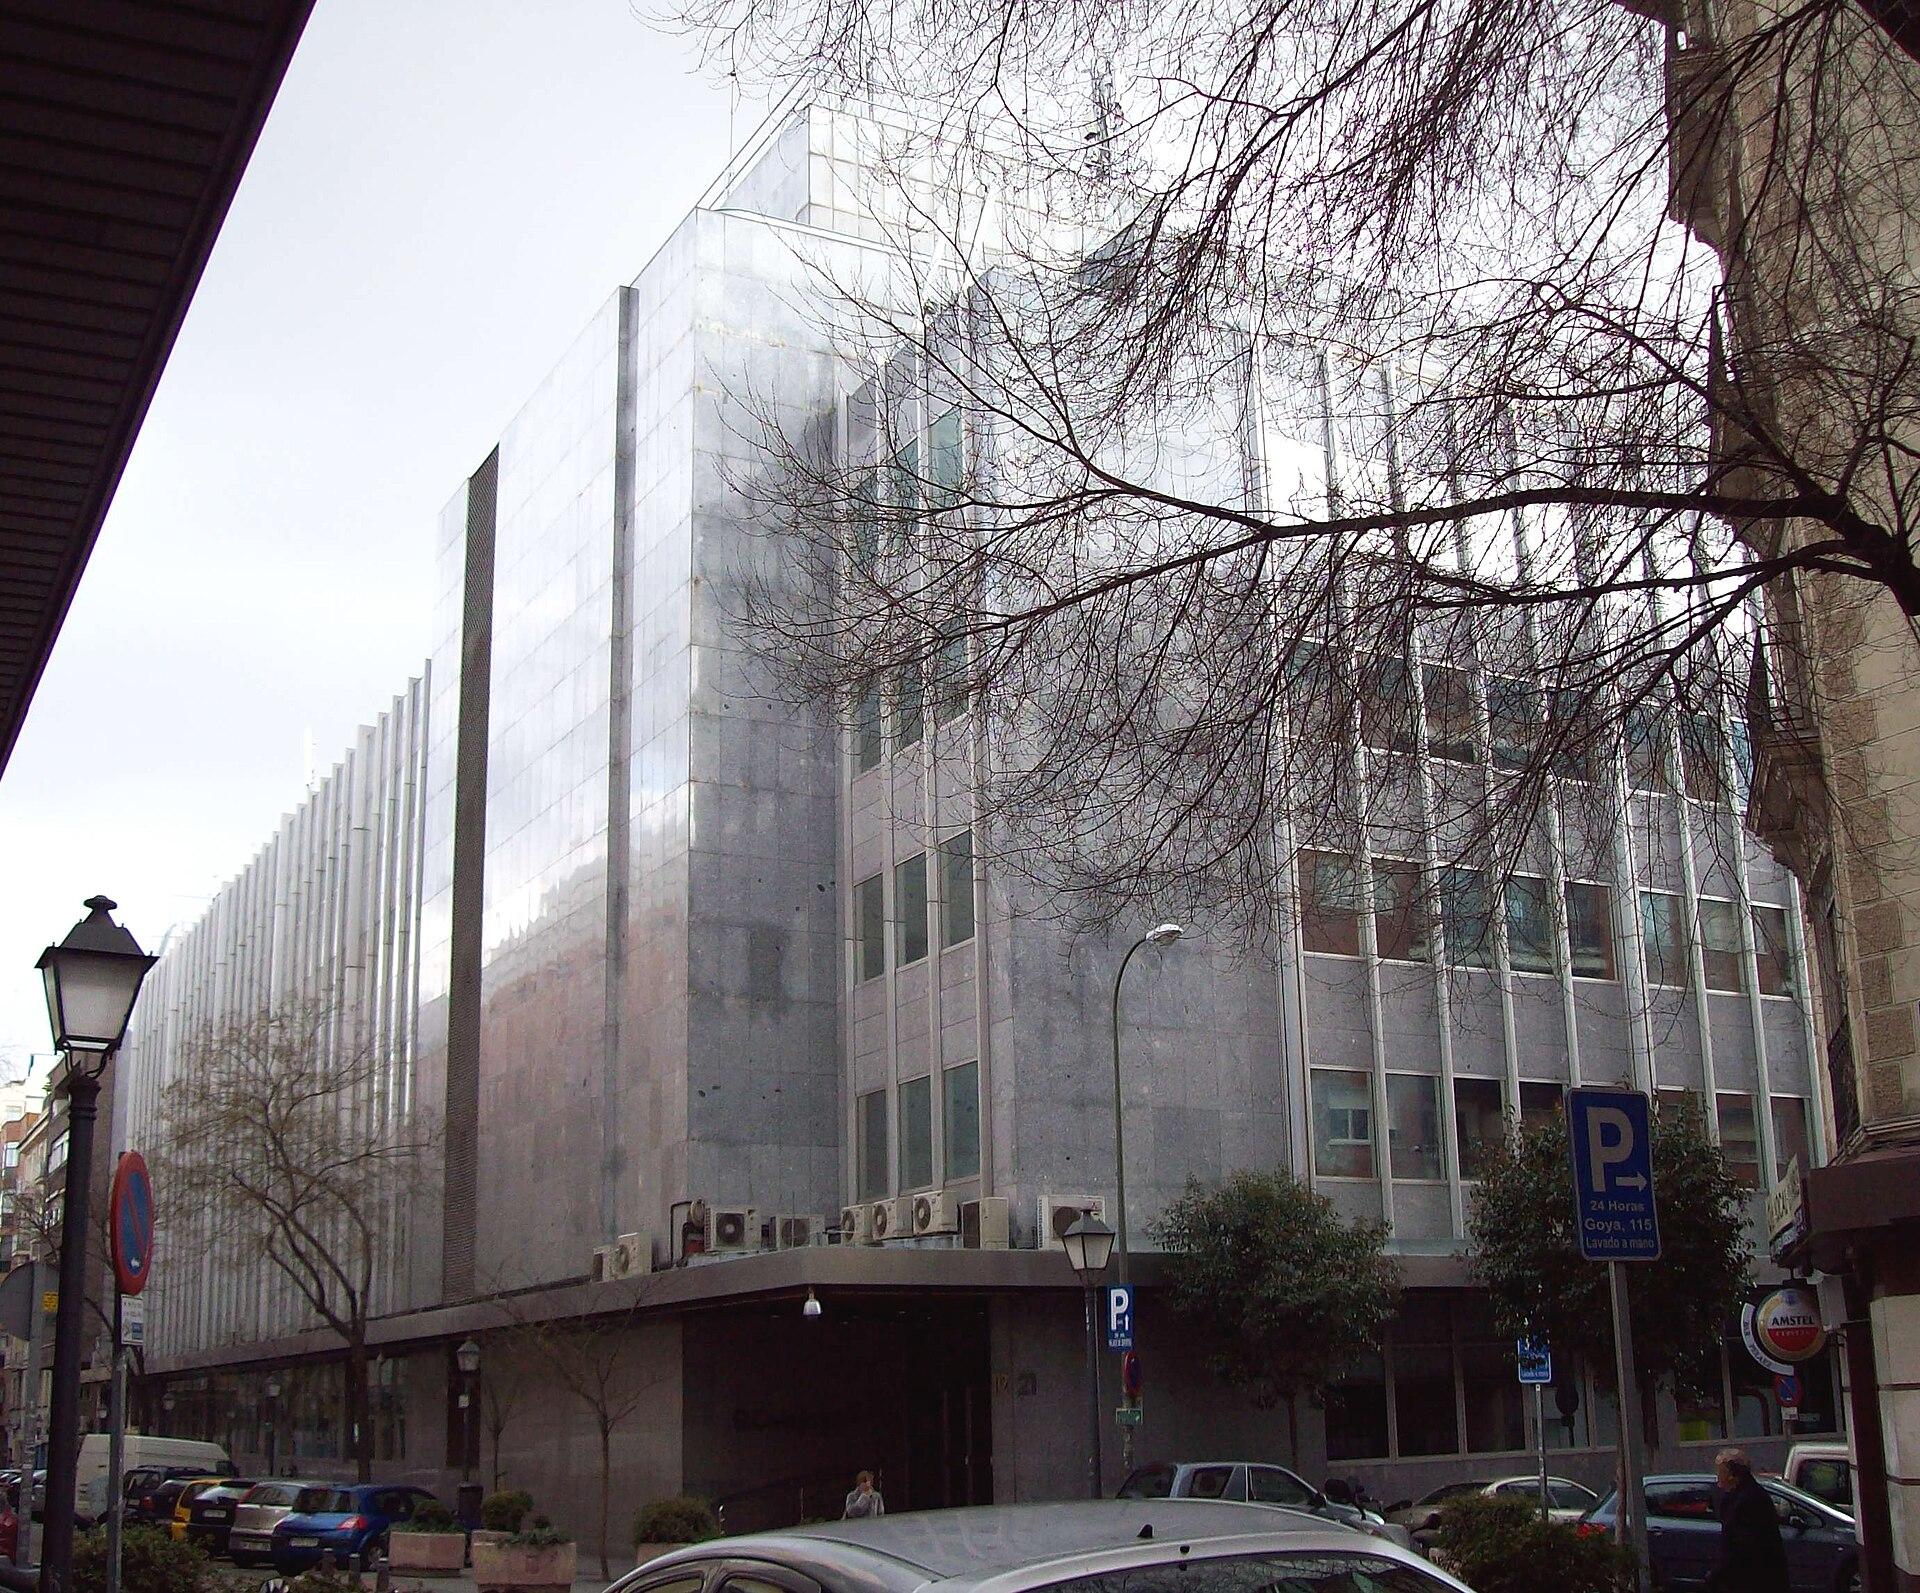 Hipercor wikipedia la enciclopedia libre - Oficinas de adecco en madrid ...